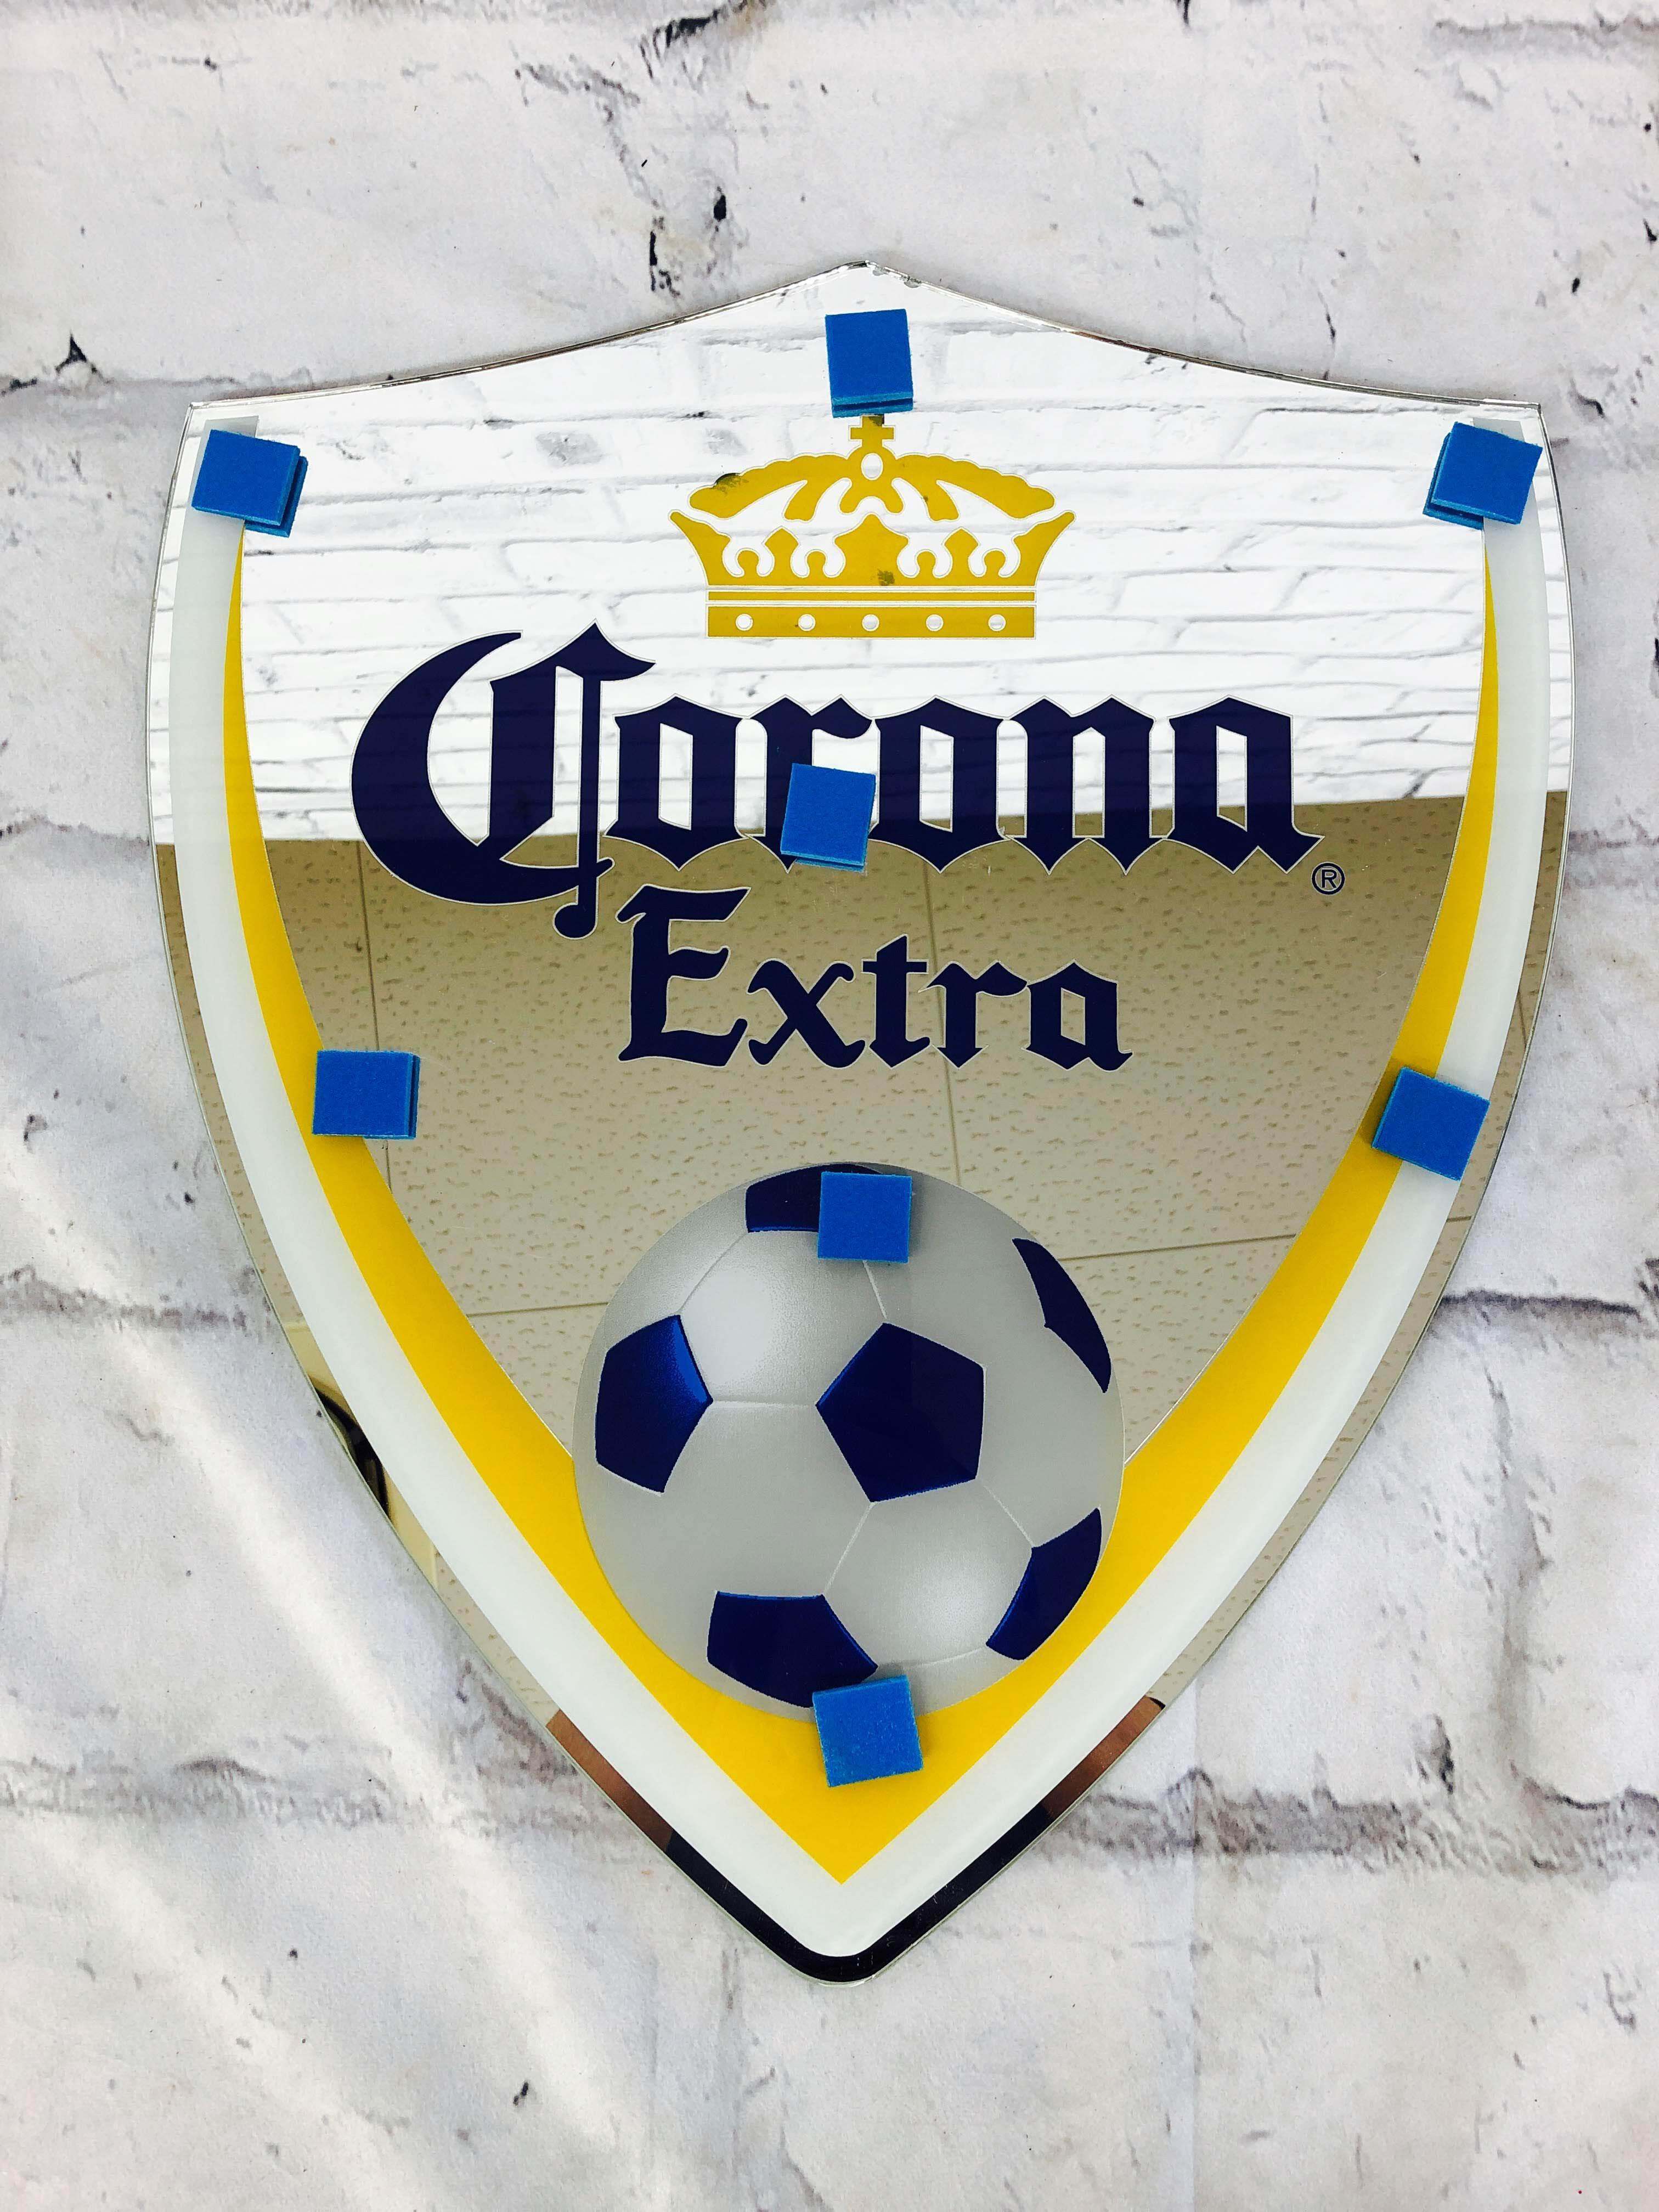 品番0279 パブミラー 『Corona Extra(コロナ エキストラ)』 壁掛 アート ディスプレイ アメリカン雑貨